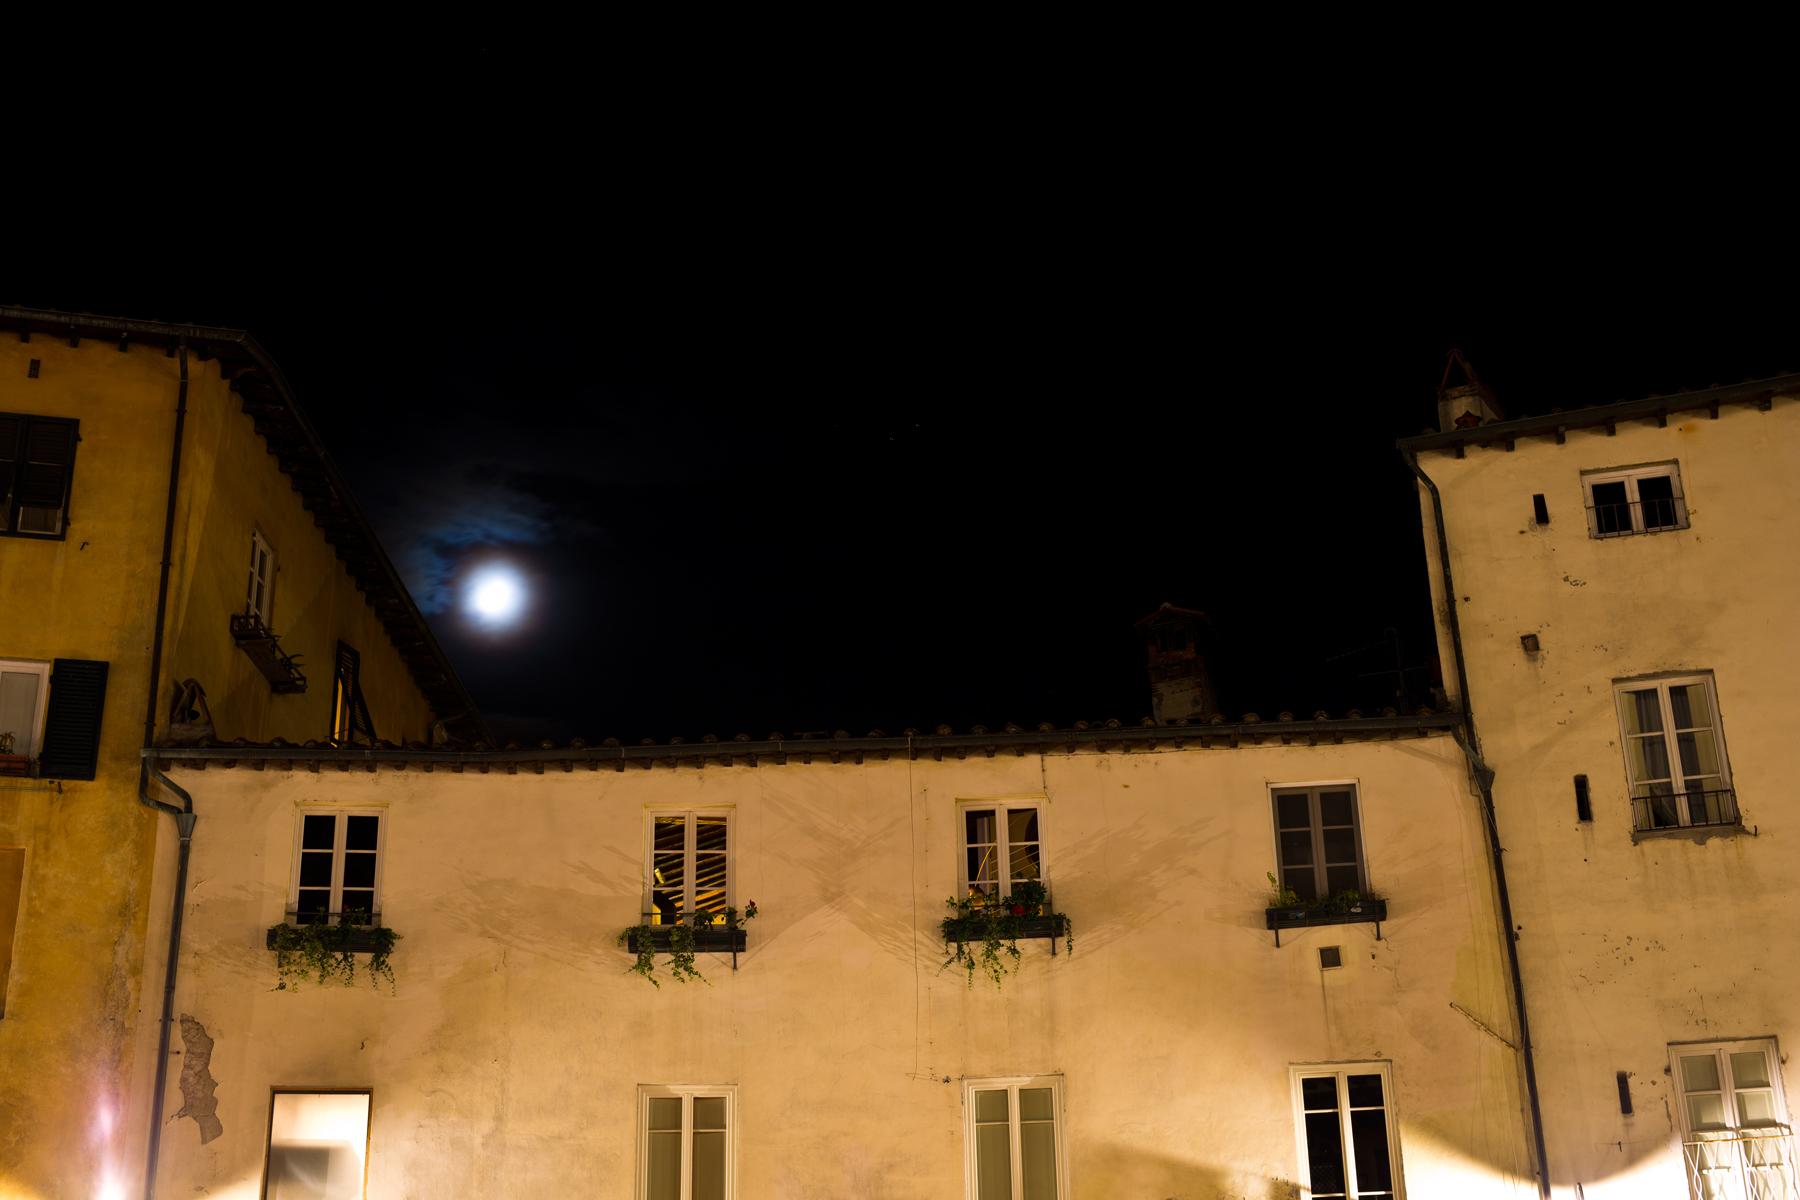 Haus mit Mond